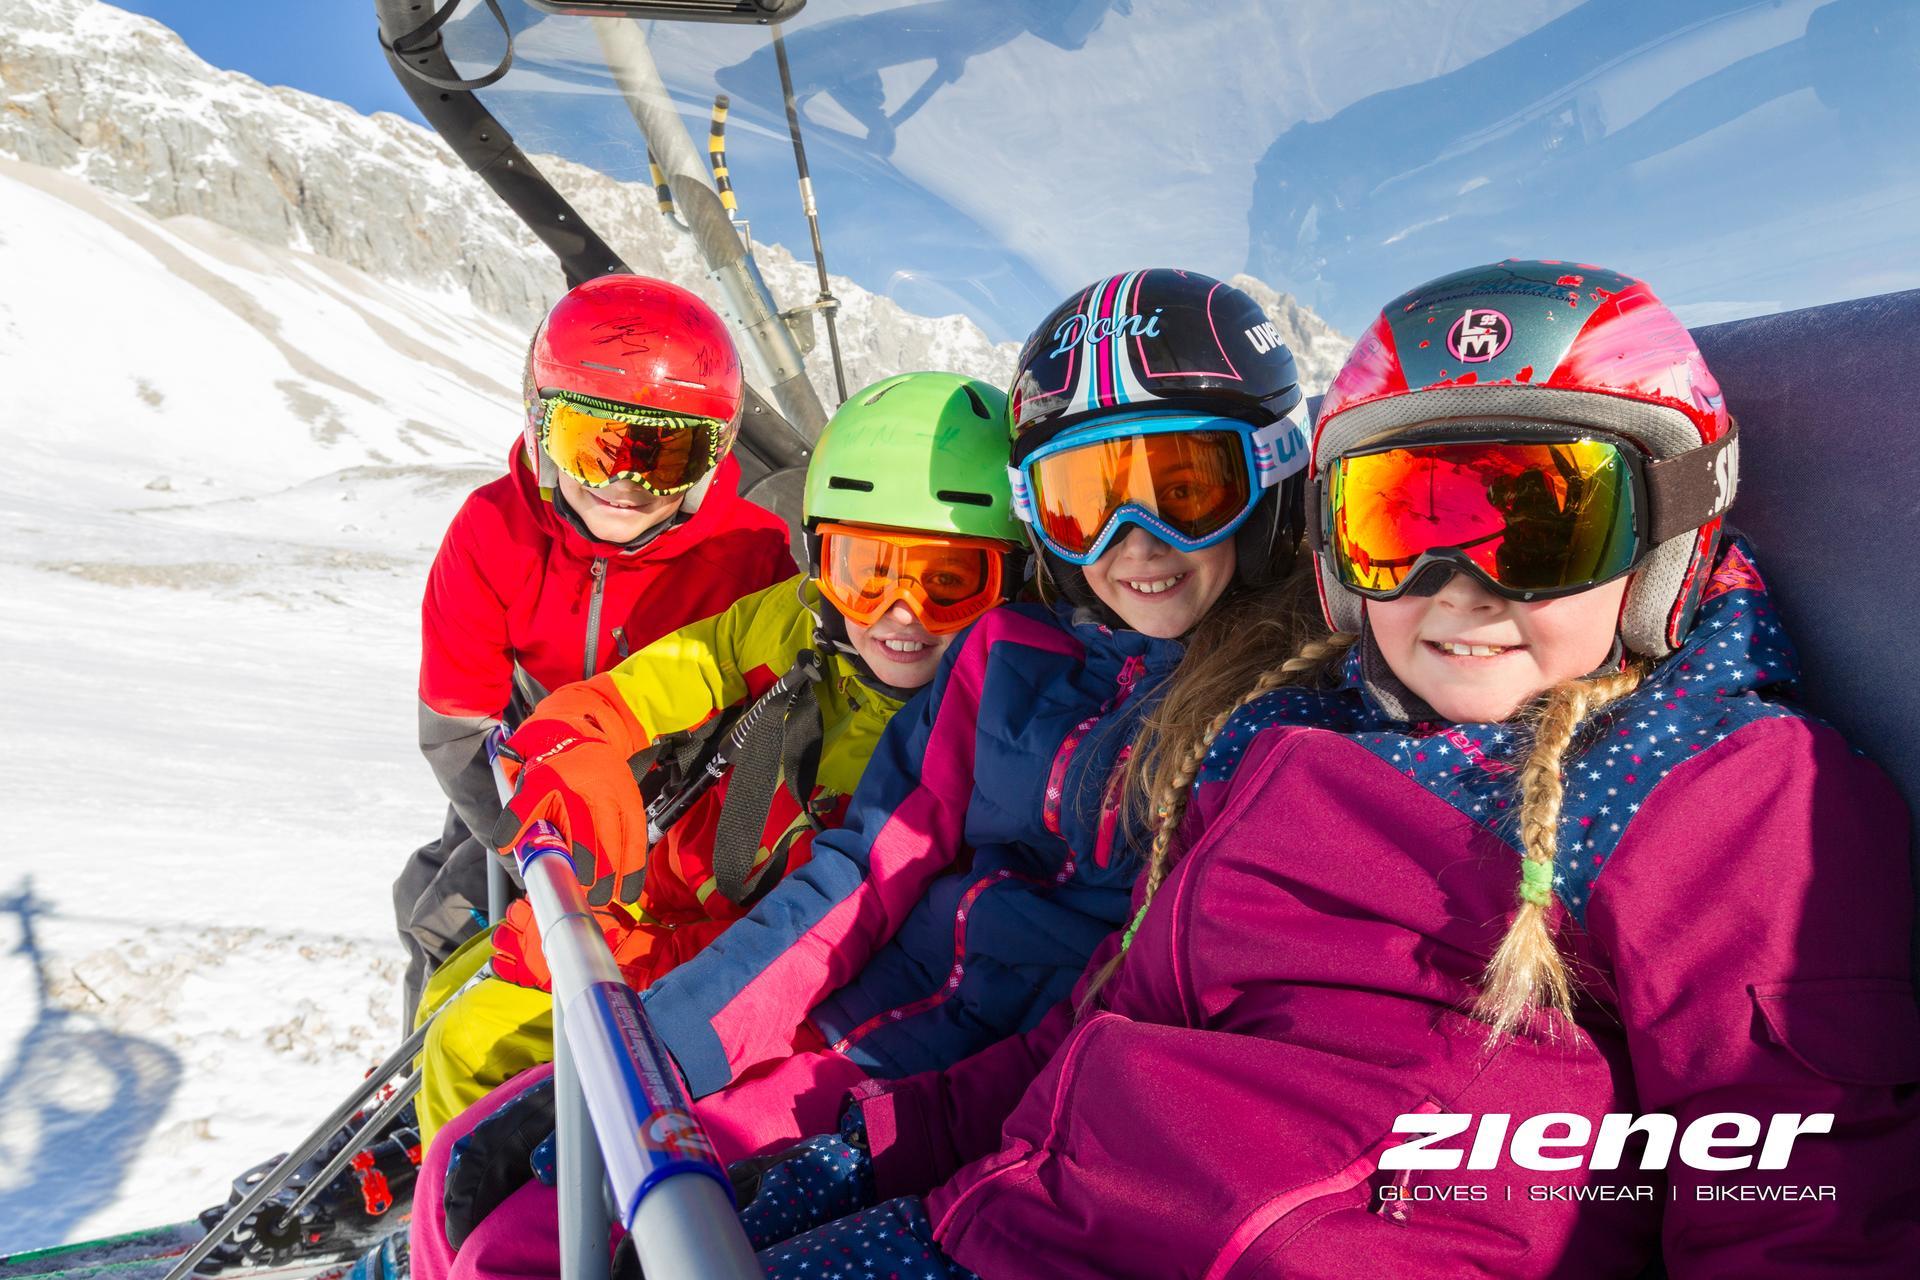 bf2ce0b51e1b14 Wenn beide Eltern Ski oder Snowboard mieten bekommen Kinder bis 10 Jahre  die gesamte Skiausrüstung (Ski